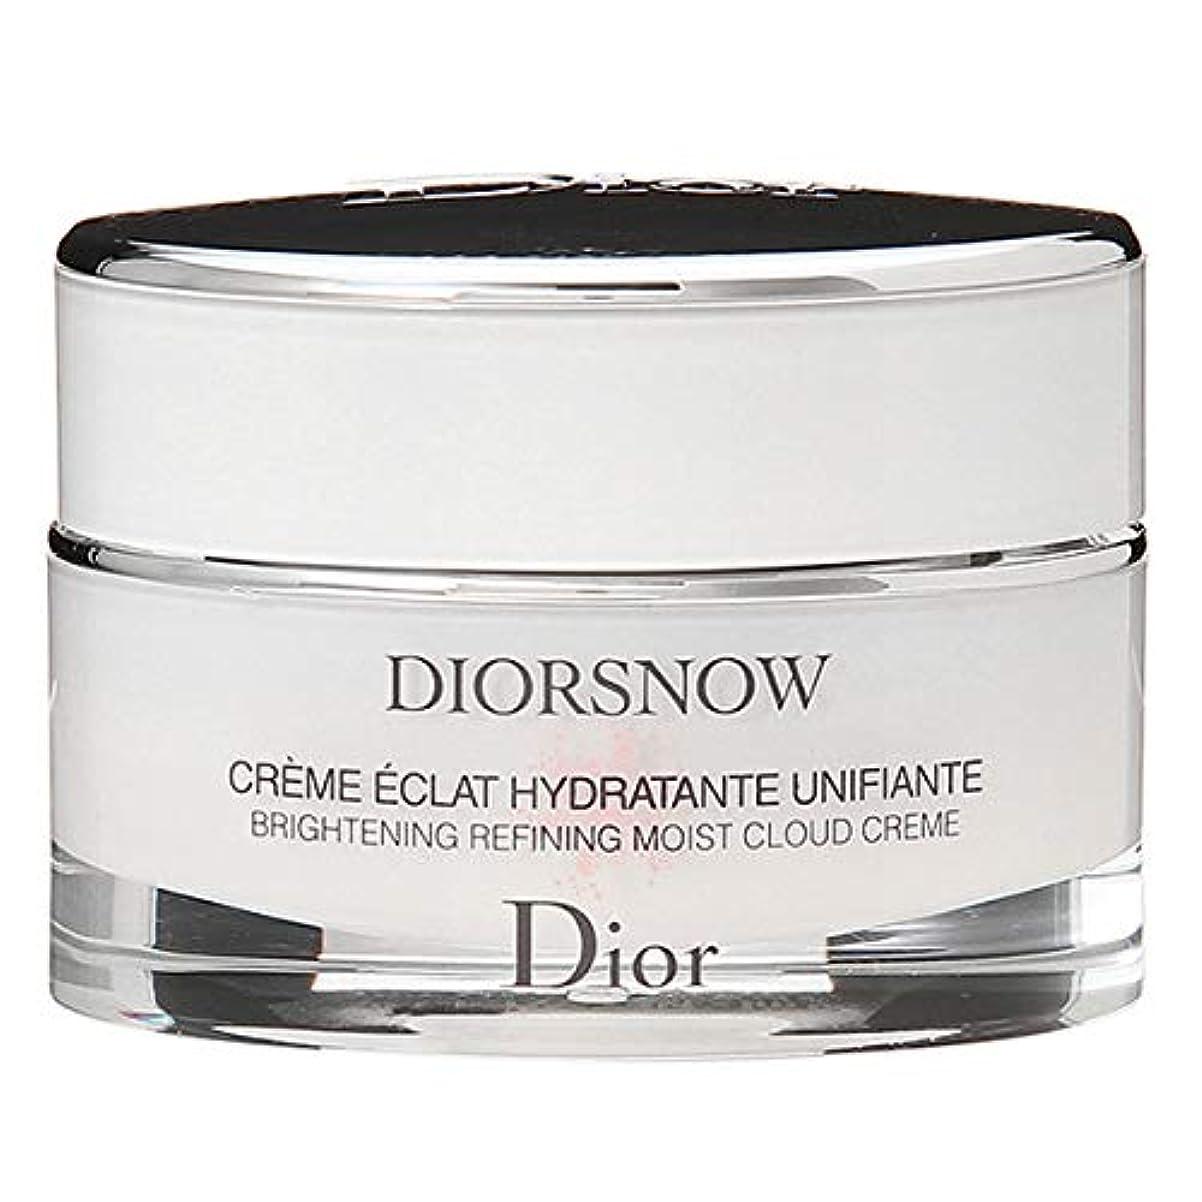 三番剃るアルファベット順クリスチャンディオール Christian Dior ディオール スノー ブライトニング モイスト クリーム 50mL 【並行輸入品】